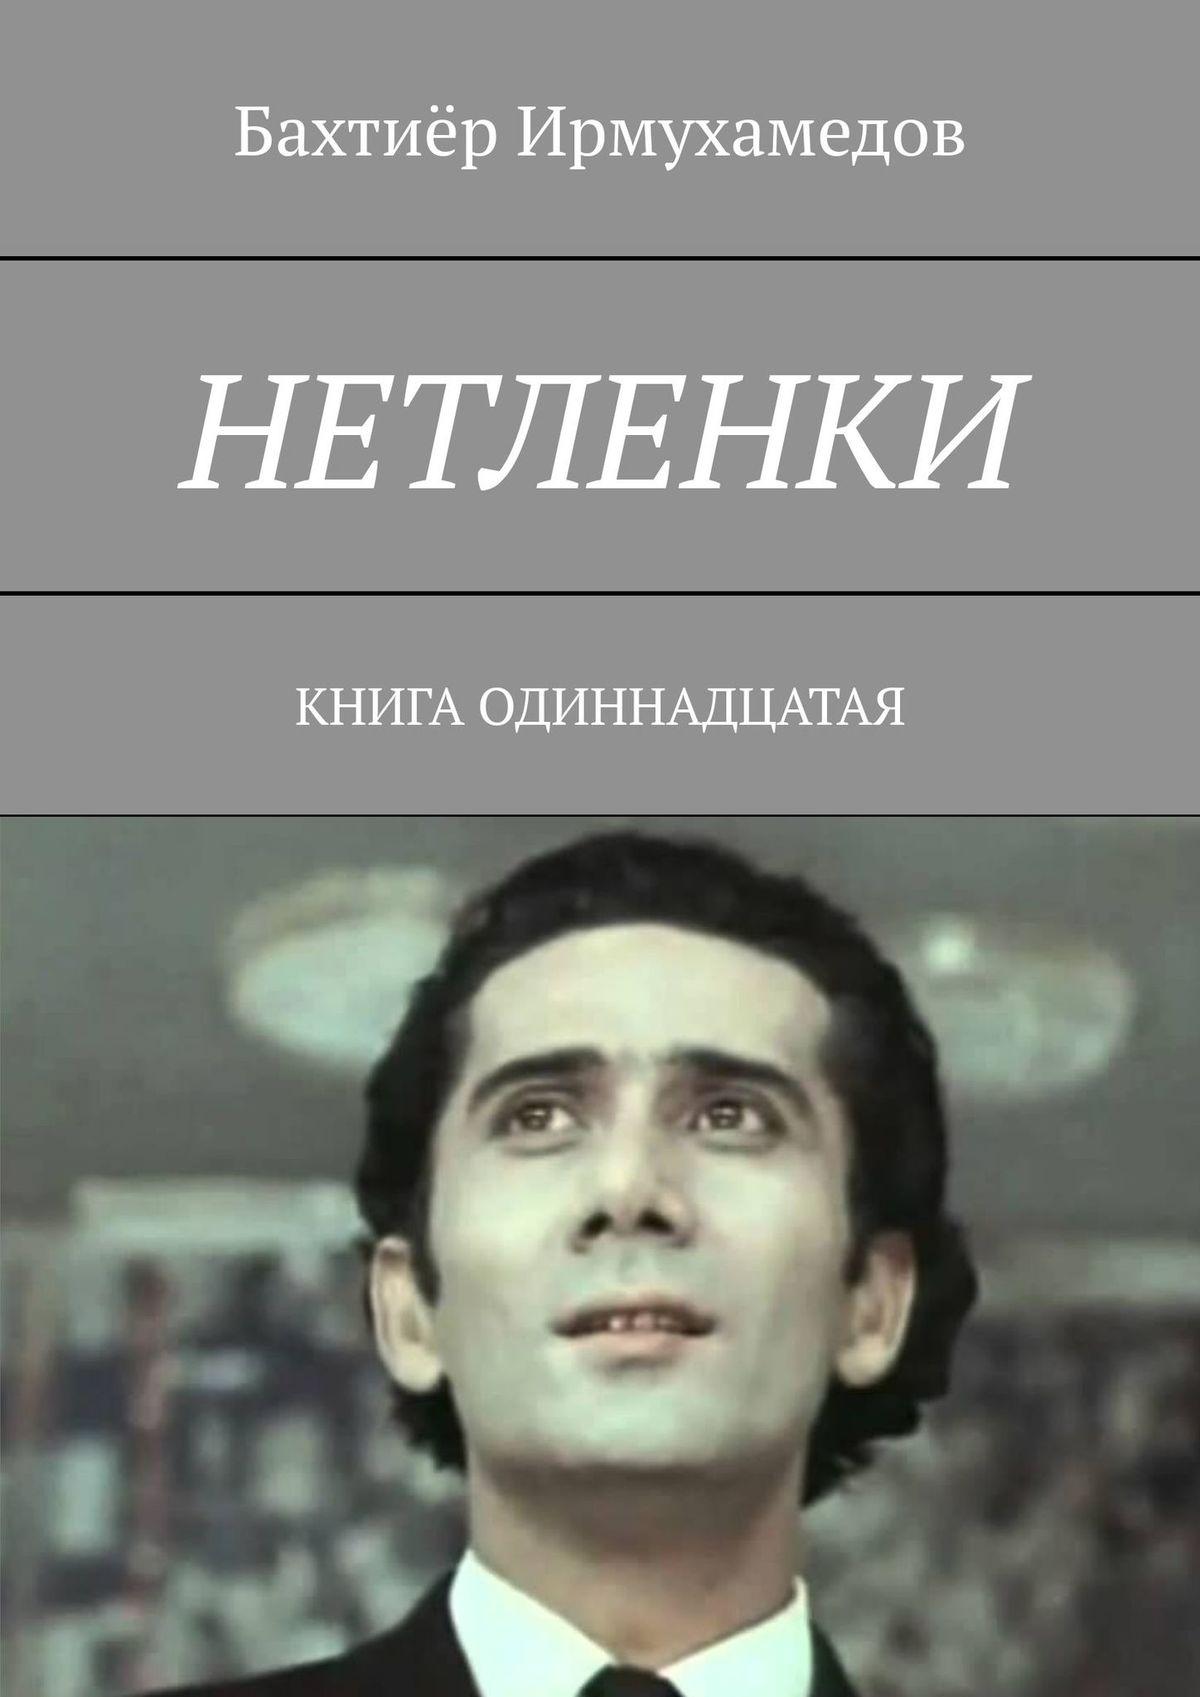 Бахтиёр Ирмухамедов Нетленки. Книга одиннадцатая